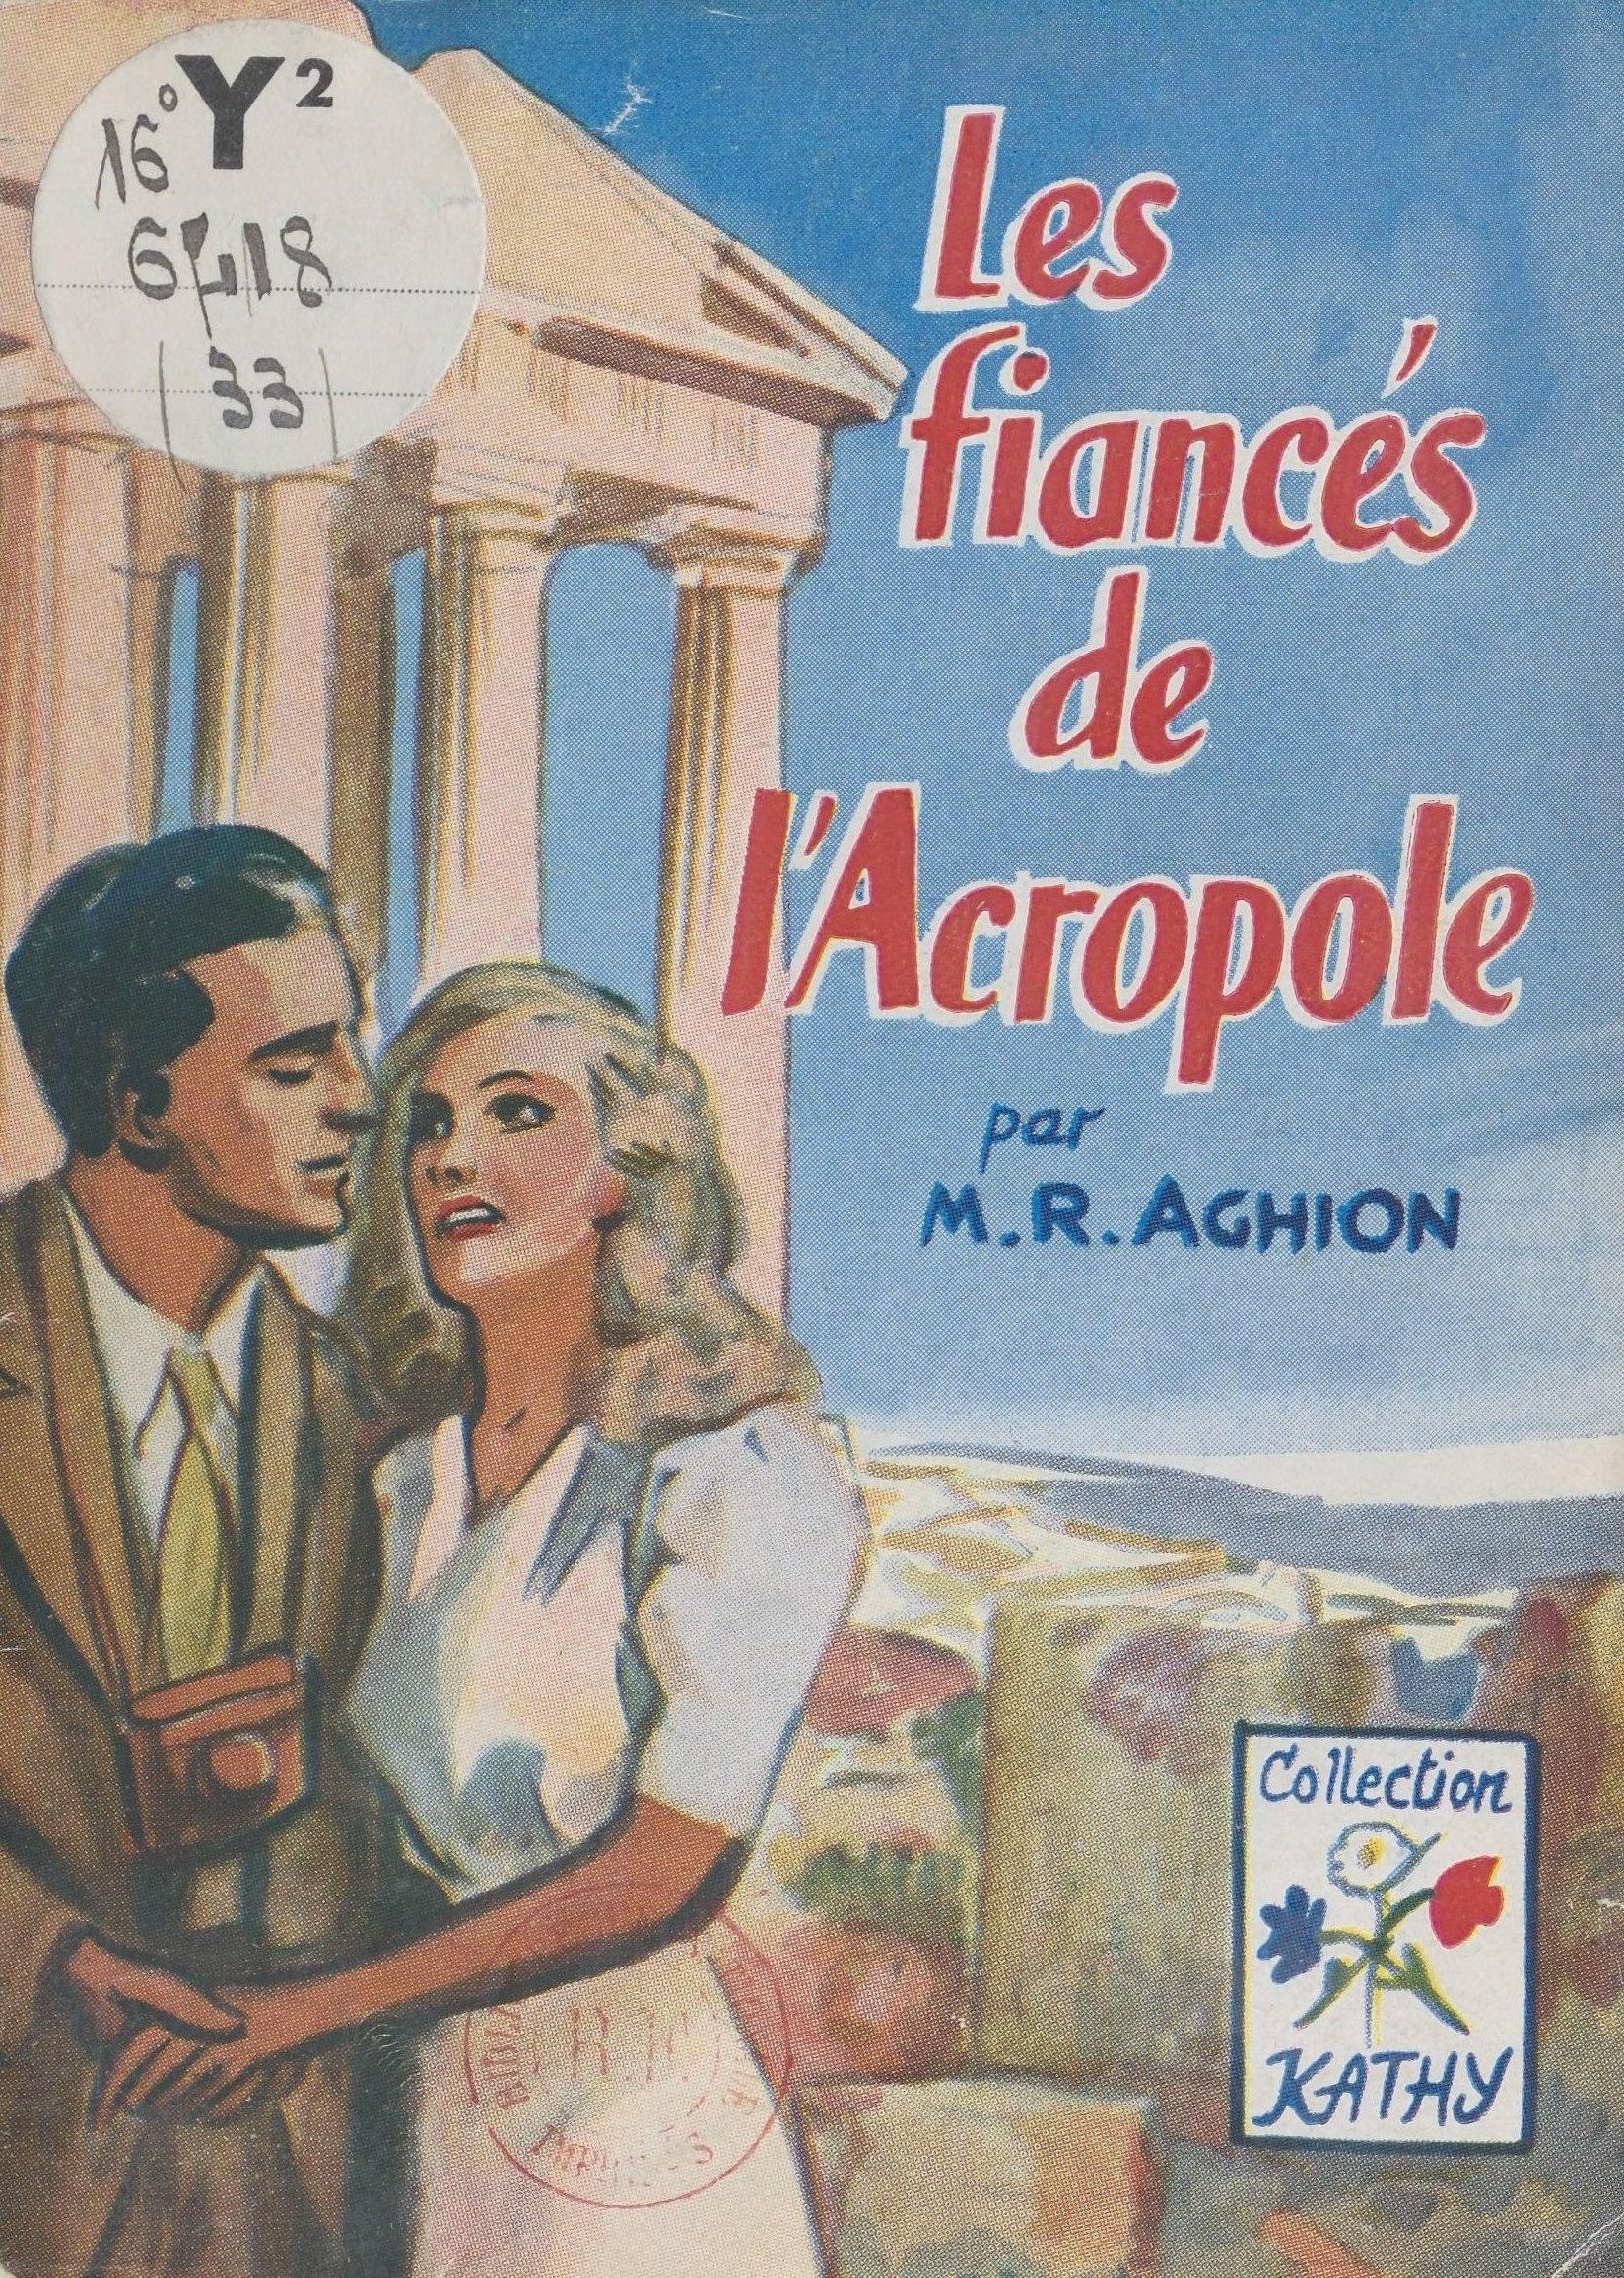 Les fiancés de l'Acropole